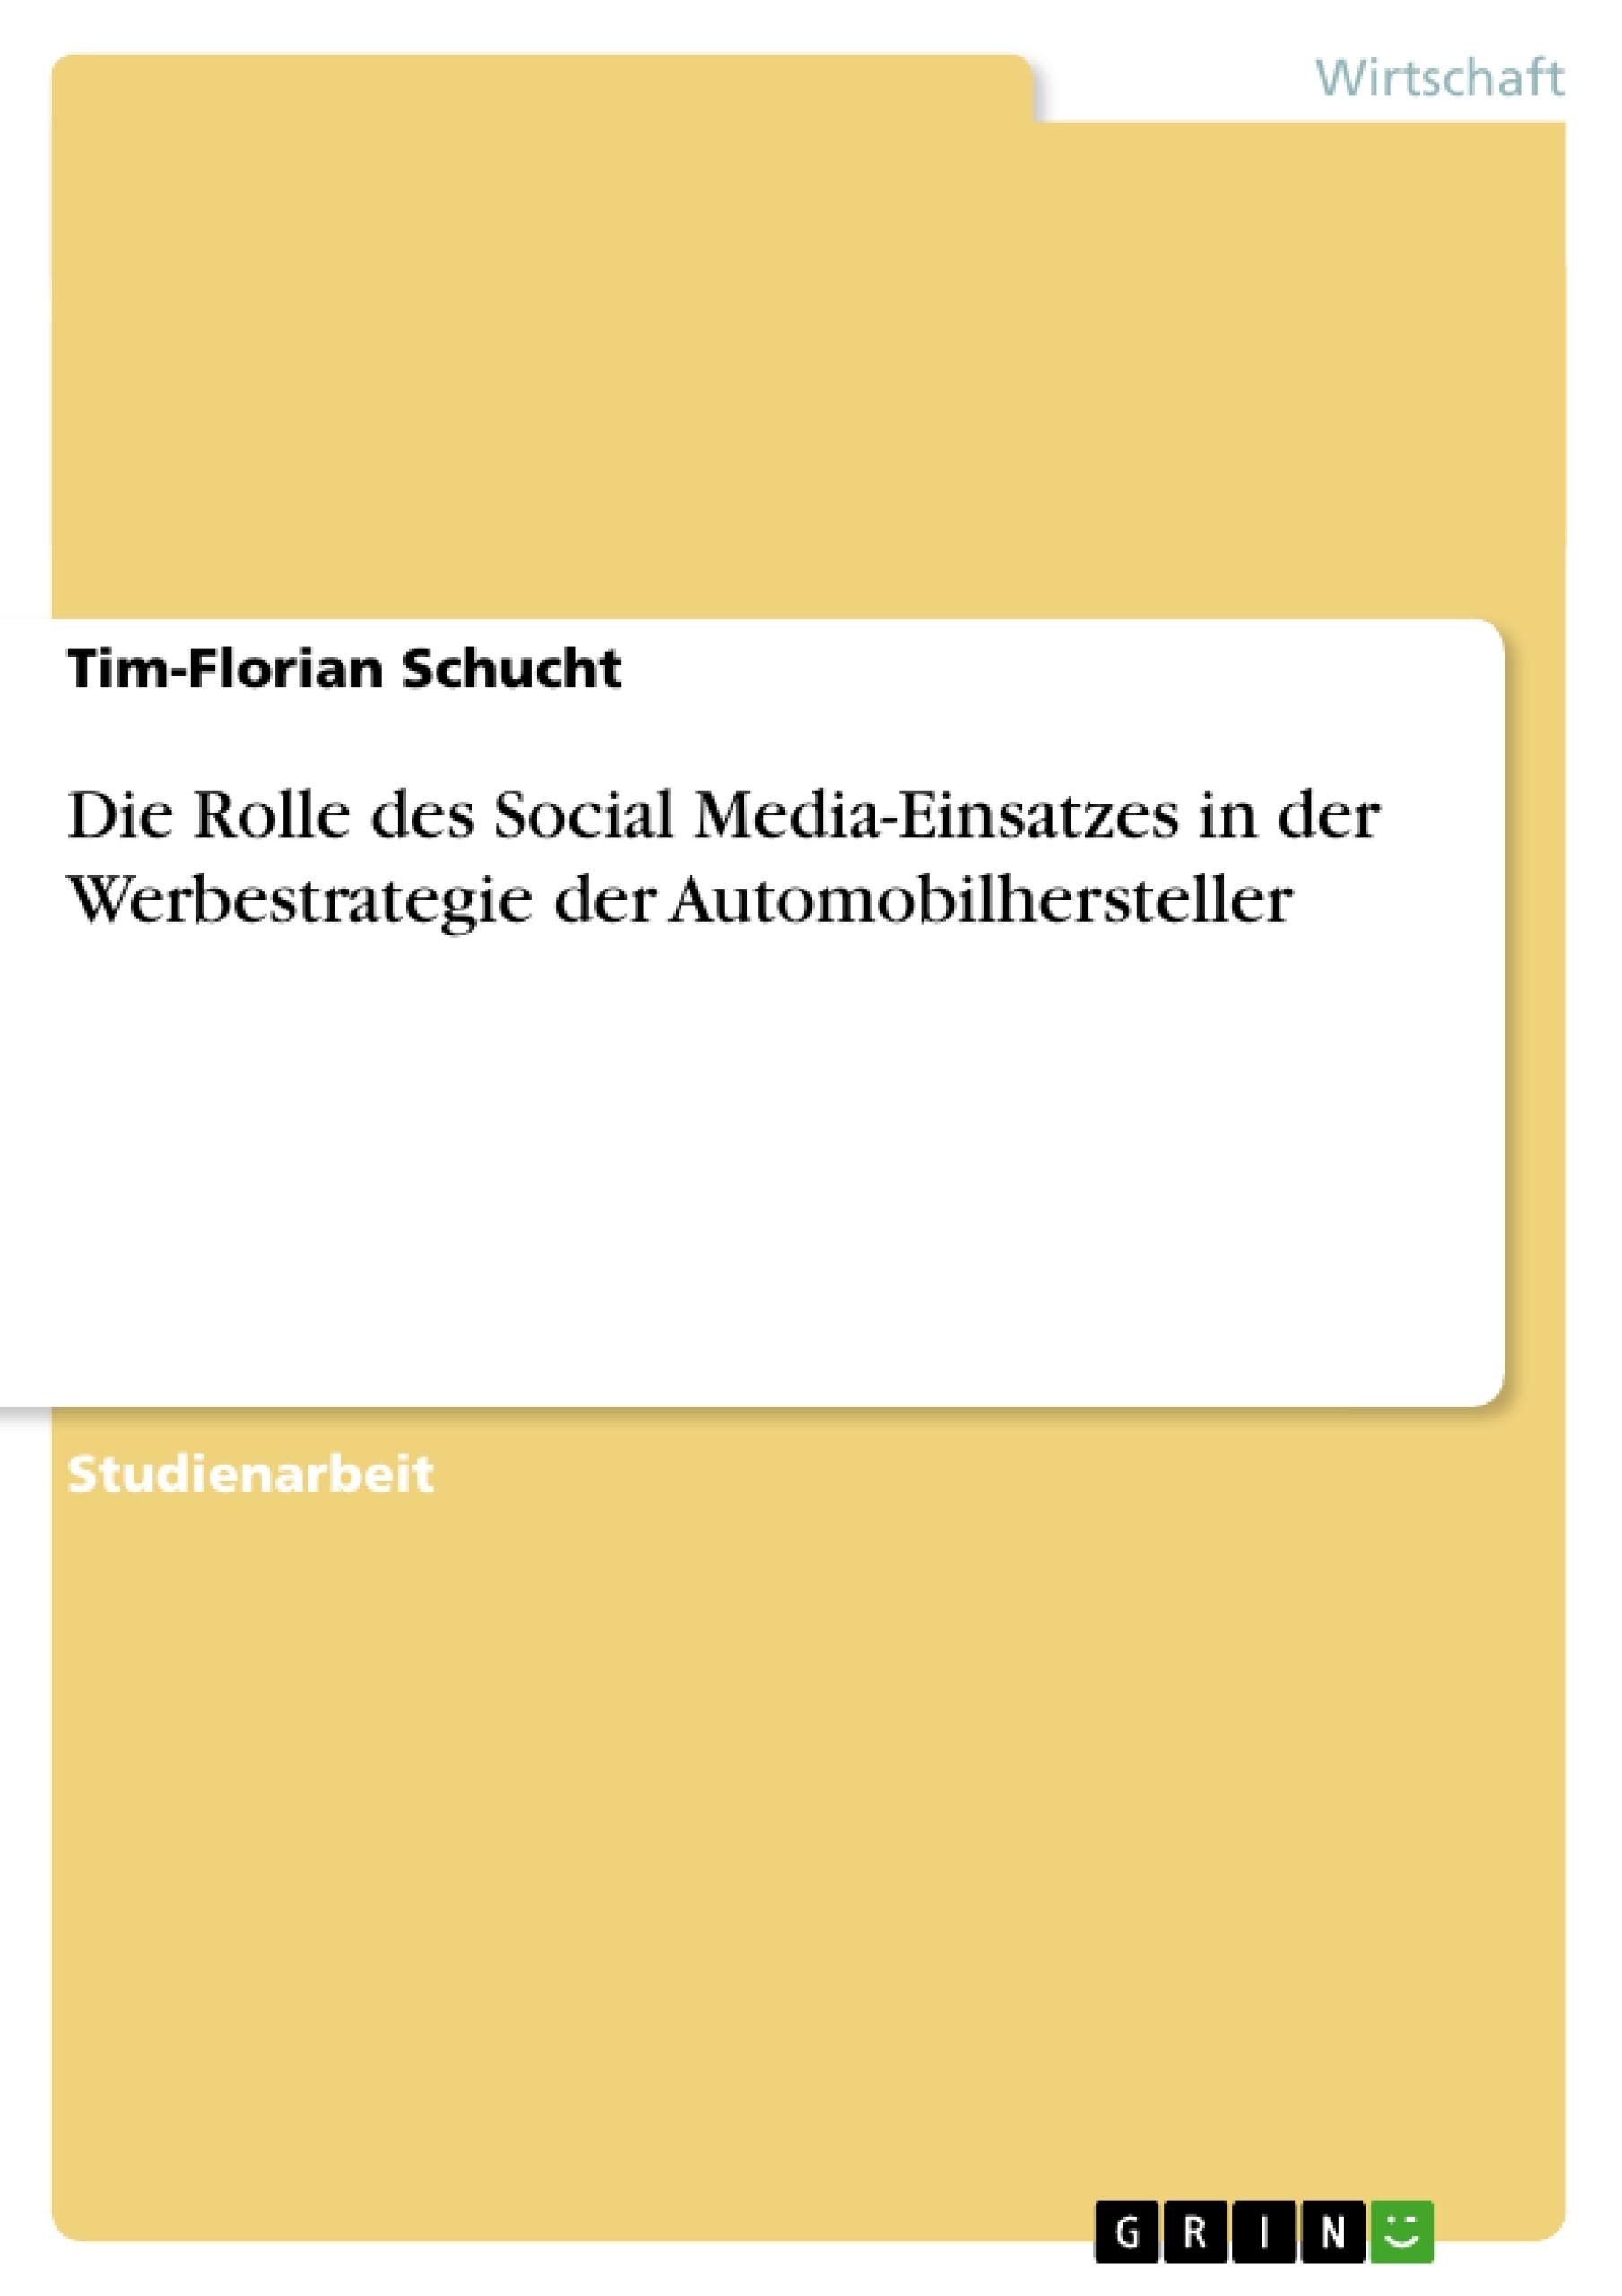 Titel: Die Rolle des Social Media-Einsatzes in der Werbestrategie der Automobilhersteller